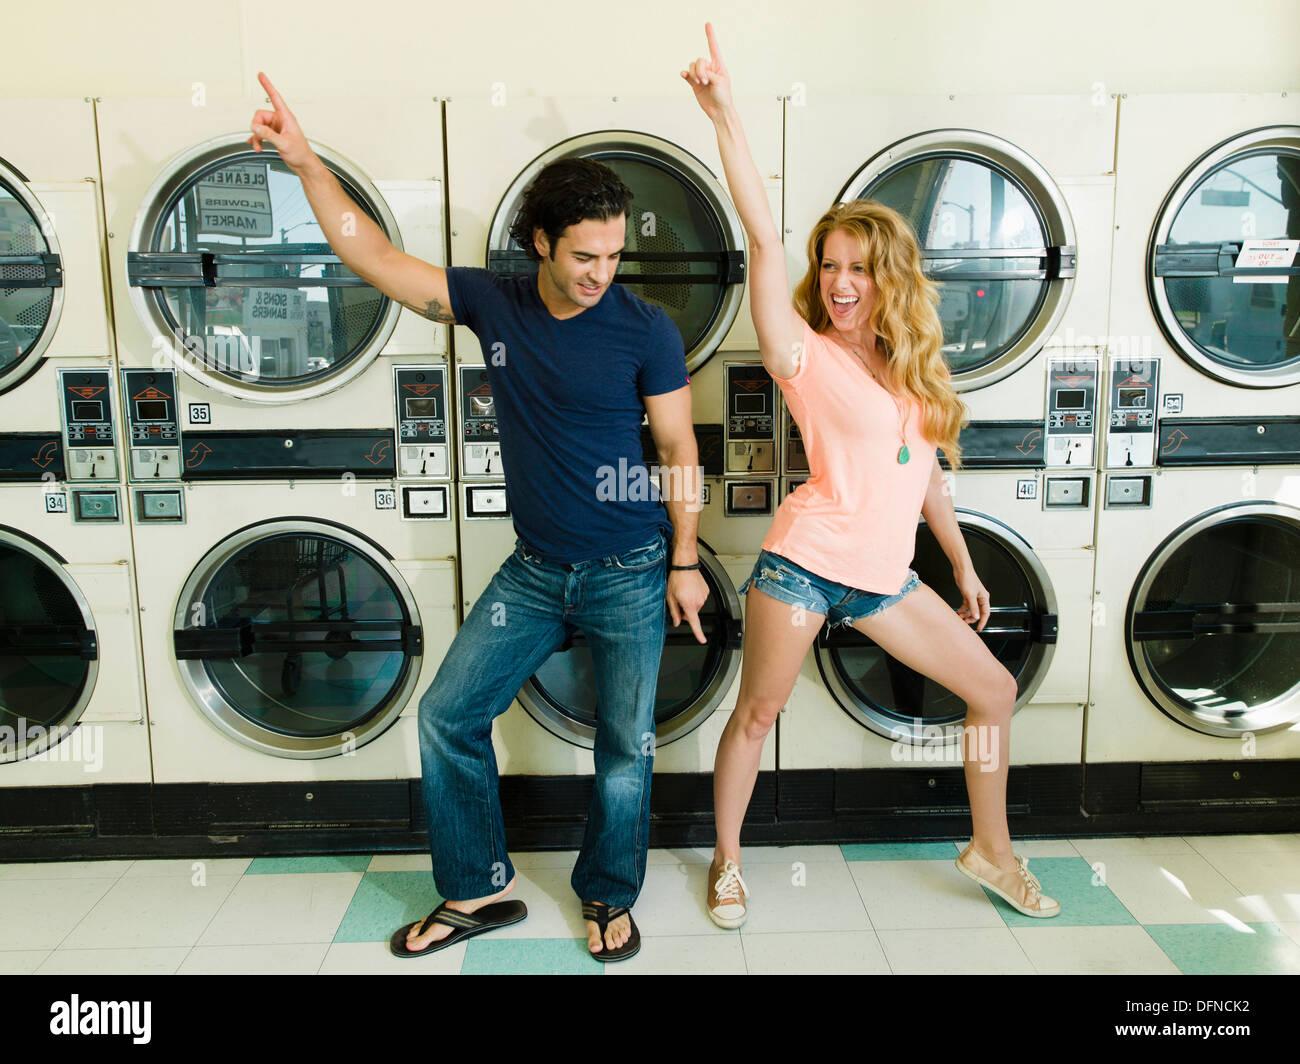 Une belle dame danse avec un jeune homme à San Diego coin laverie. Photo Stock